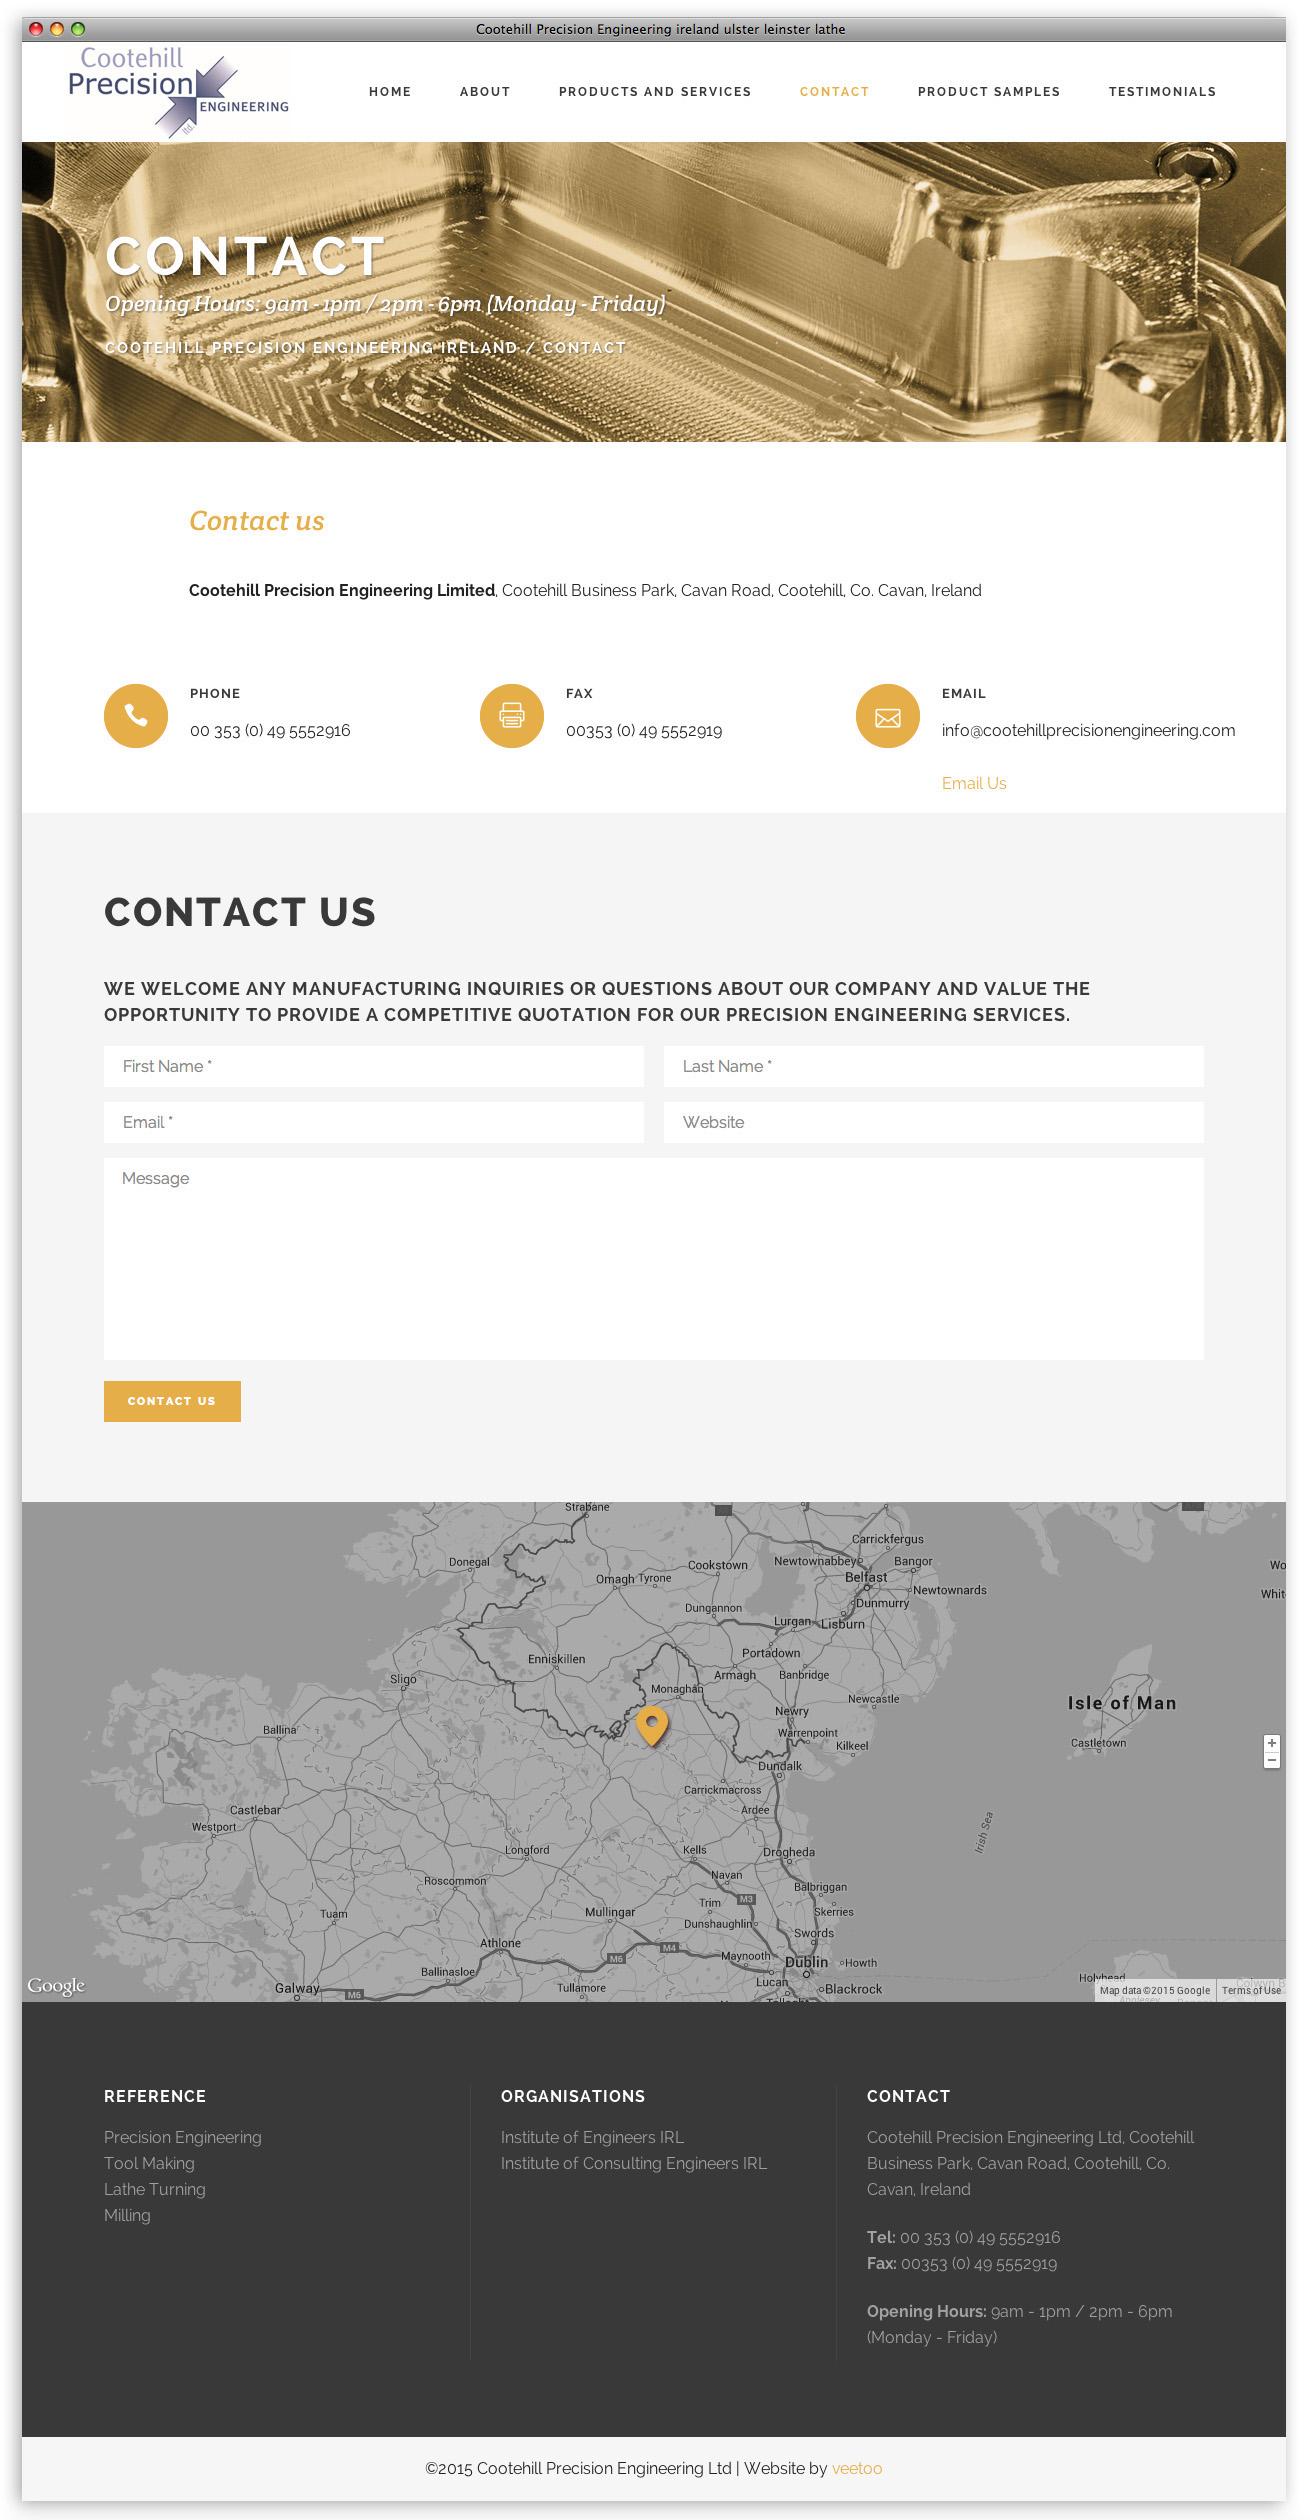 Website designer Belfast design 11 image 5 by veetoo design studio Northern Ireland